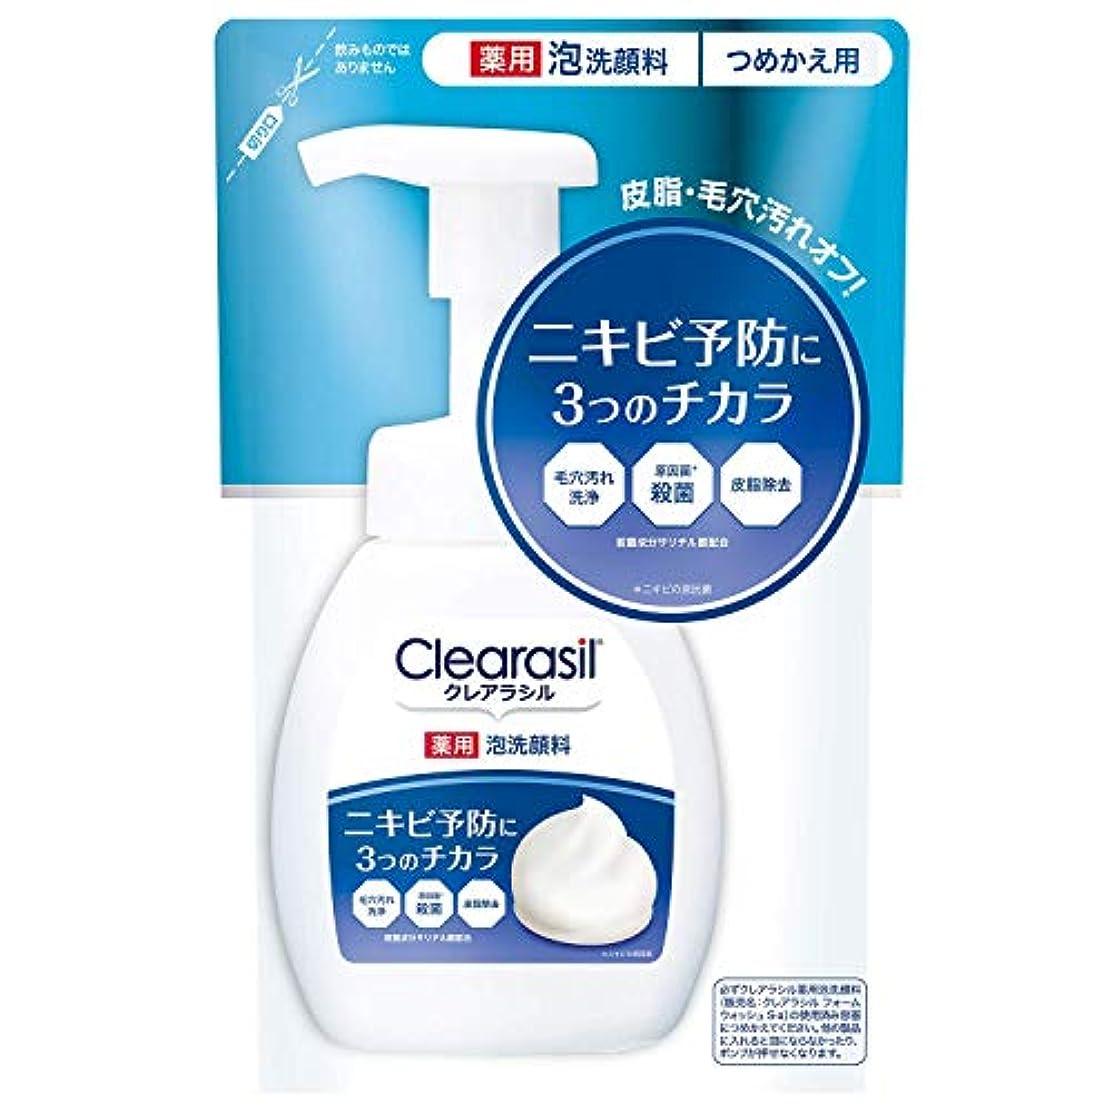 素人ガジュマル体細胞【clearasil】クレアラシル 薬用泡洗顔フォーム10 つめかえ用 (180ml) ×20個セット